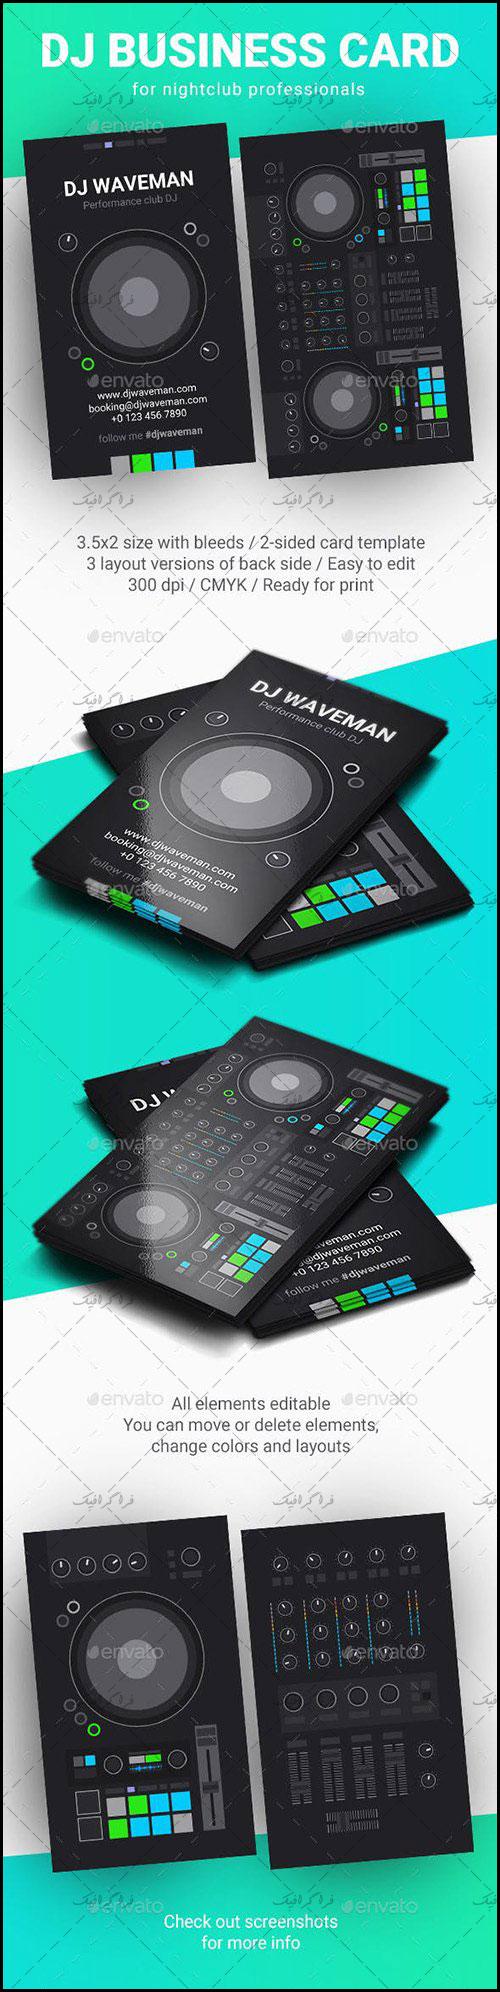 دانلود کارت ویزیت لایه باز فتوشاپ دستگاه موزیک DJ